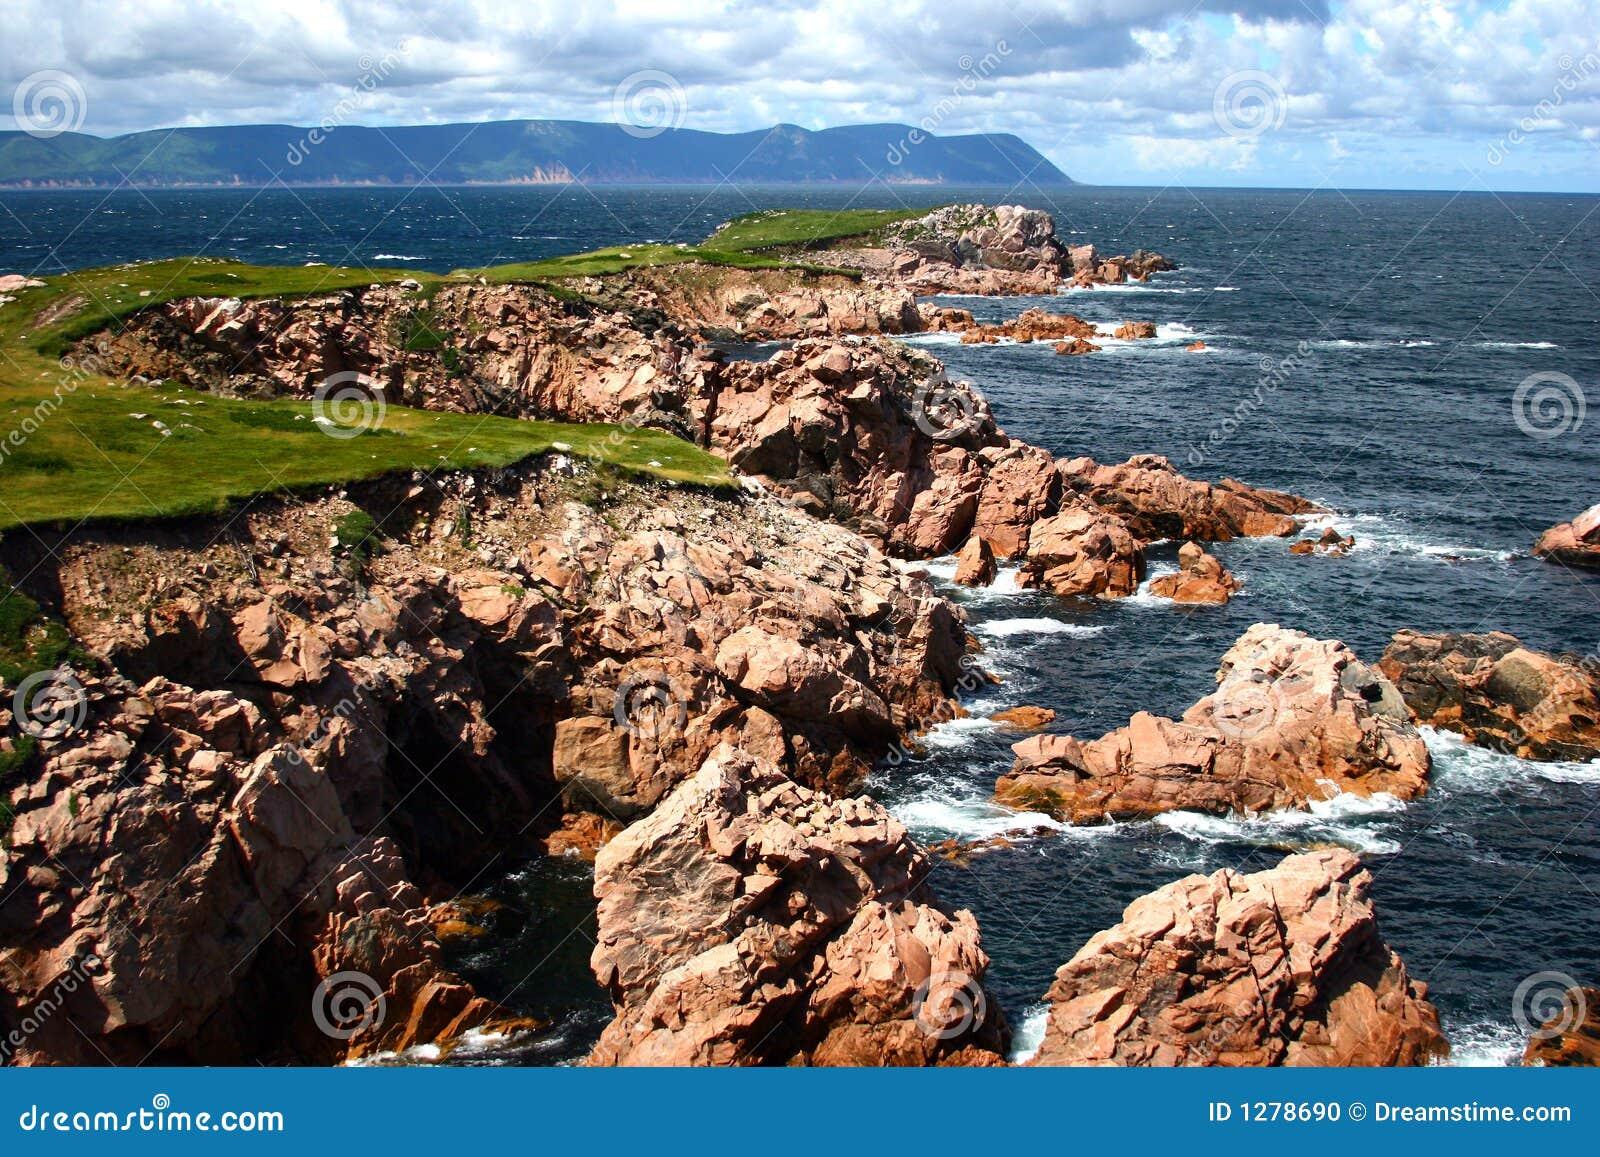 Cape Breton-White Point